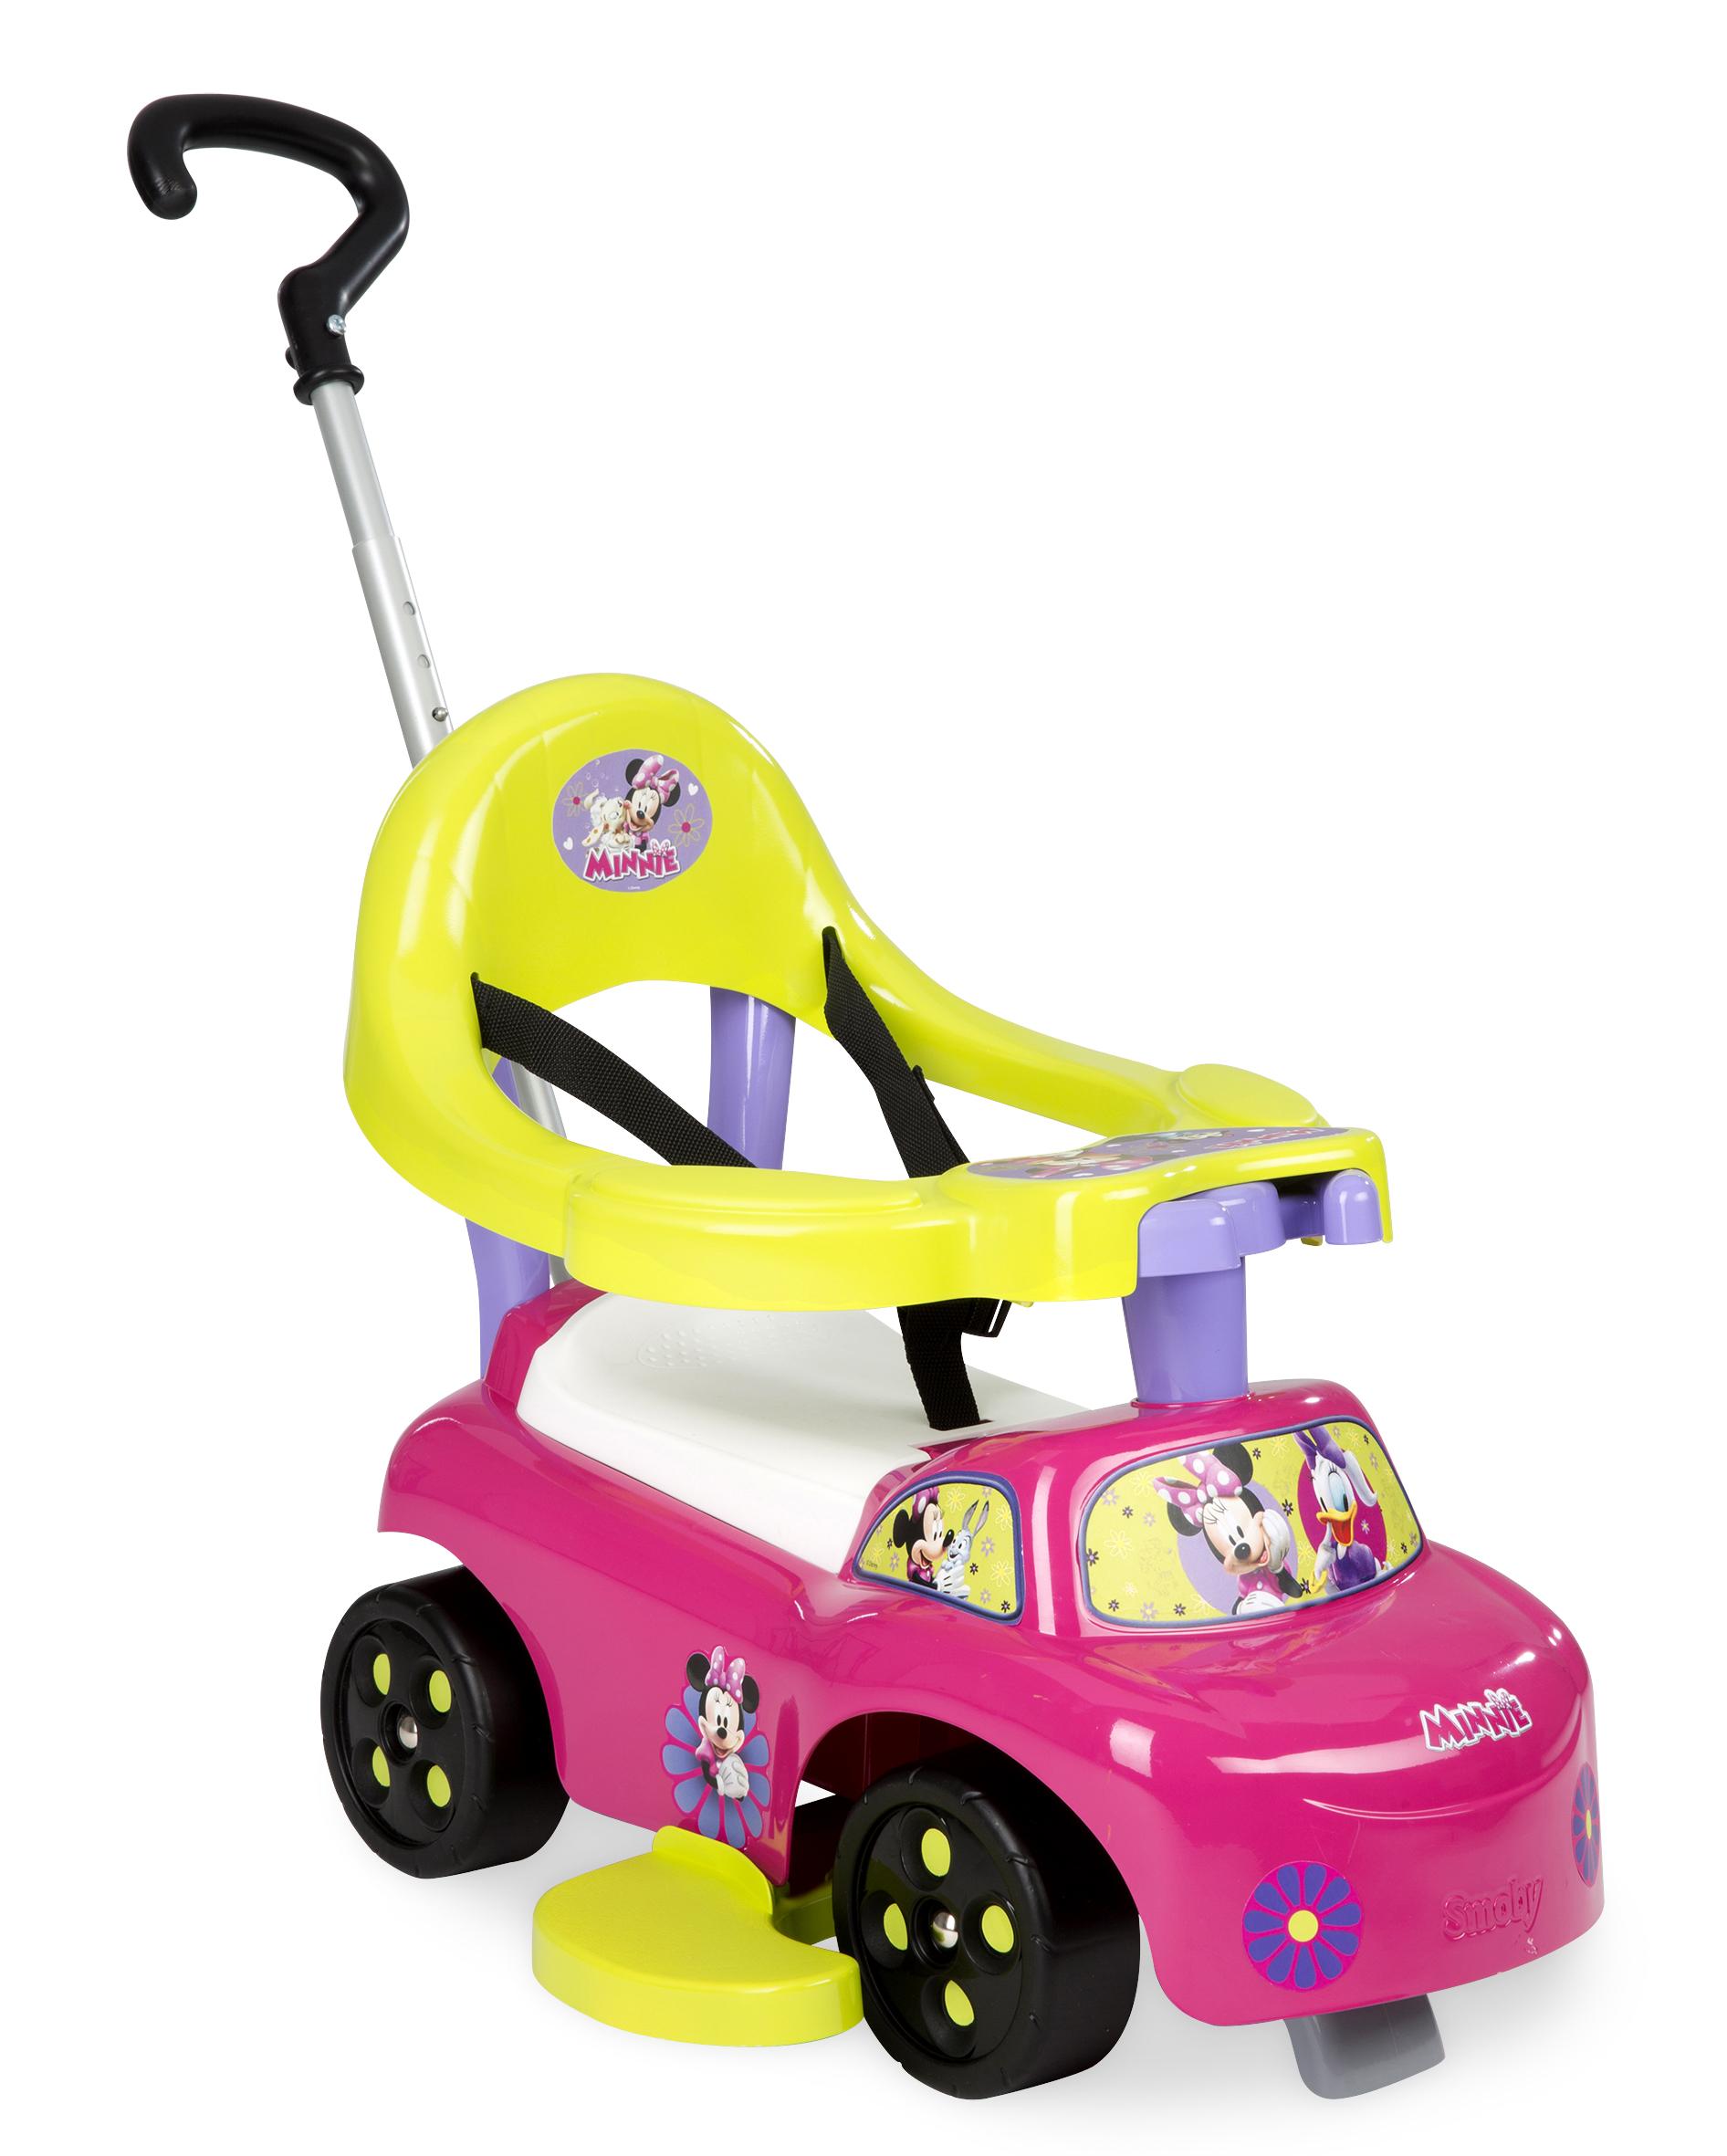 SMOBY 445008 Bébitaxi Minnie tolókarral és kerettel, rózsaszín, 6 hónapos kortól, 54*41*46 cm